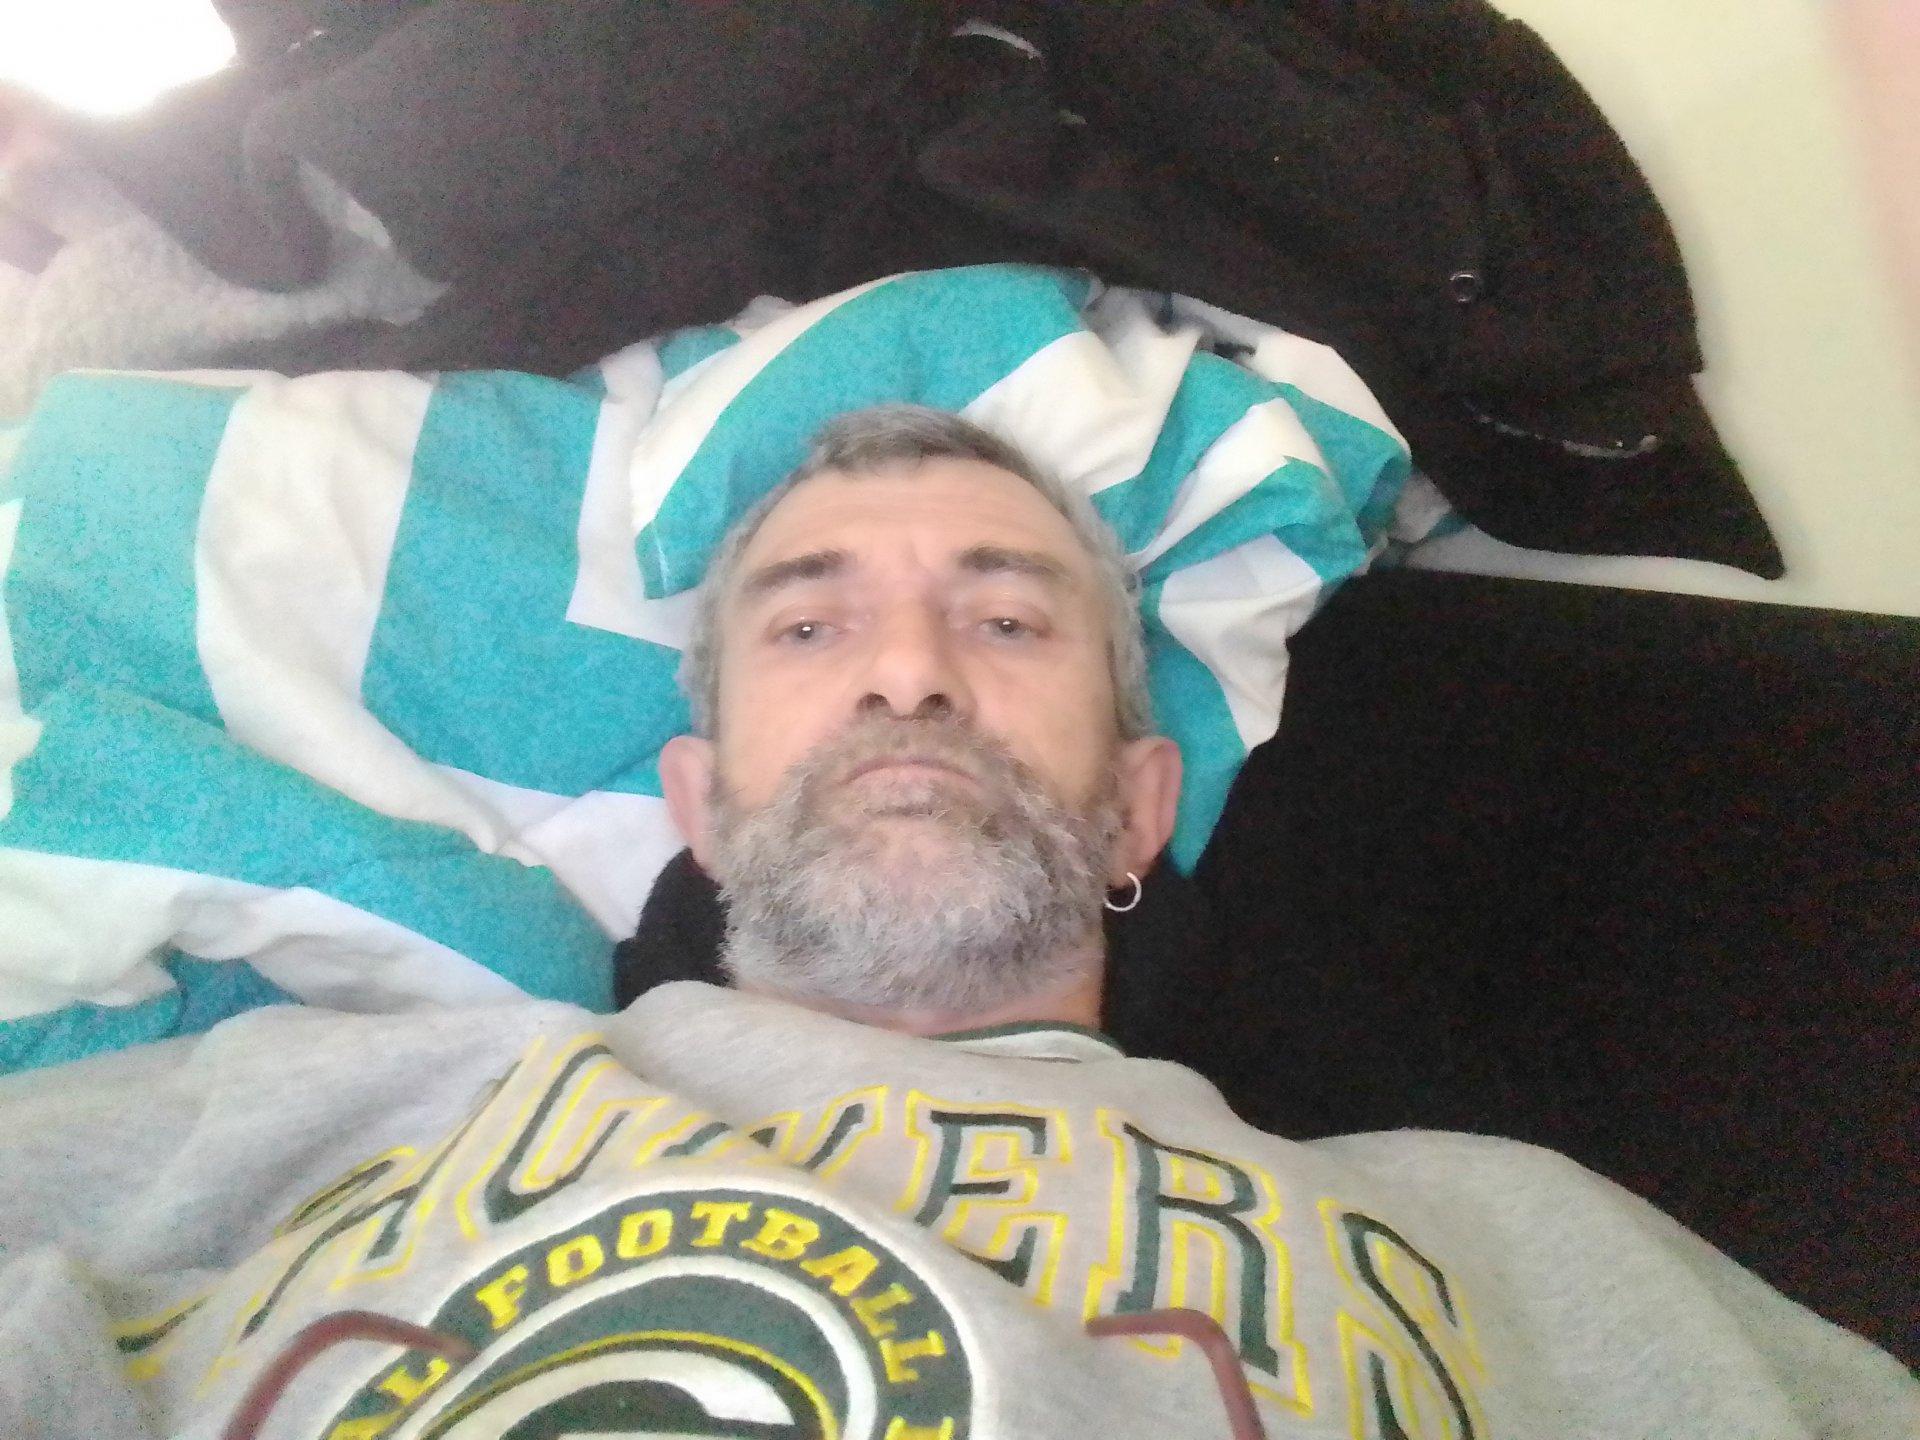 RideJohn2 from South Australia,Australia